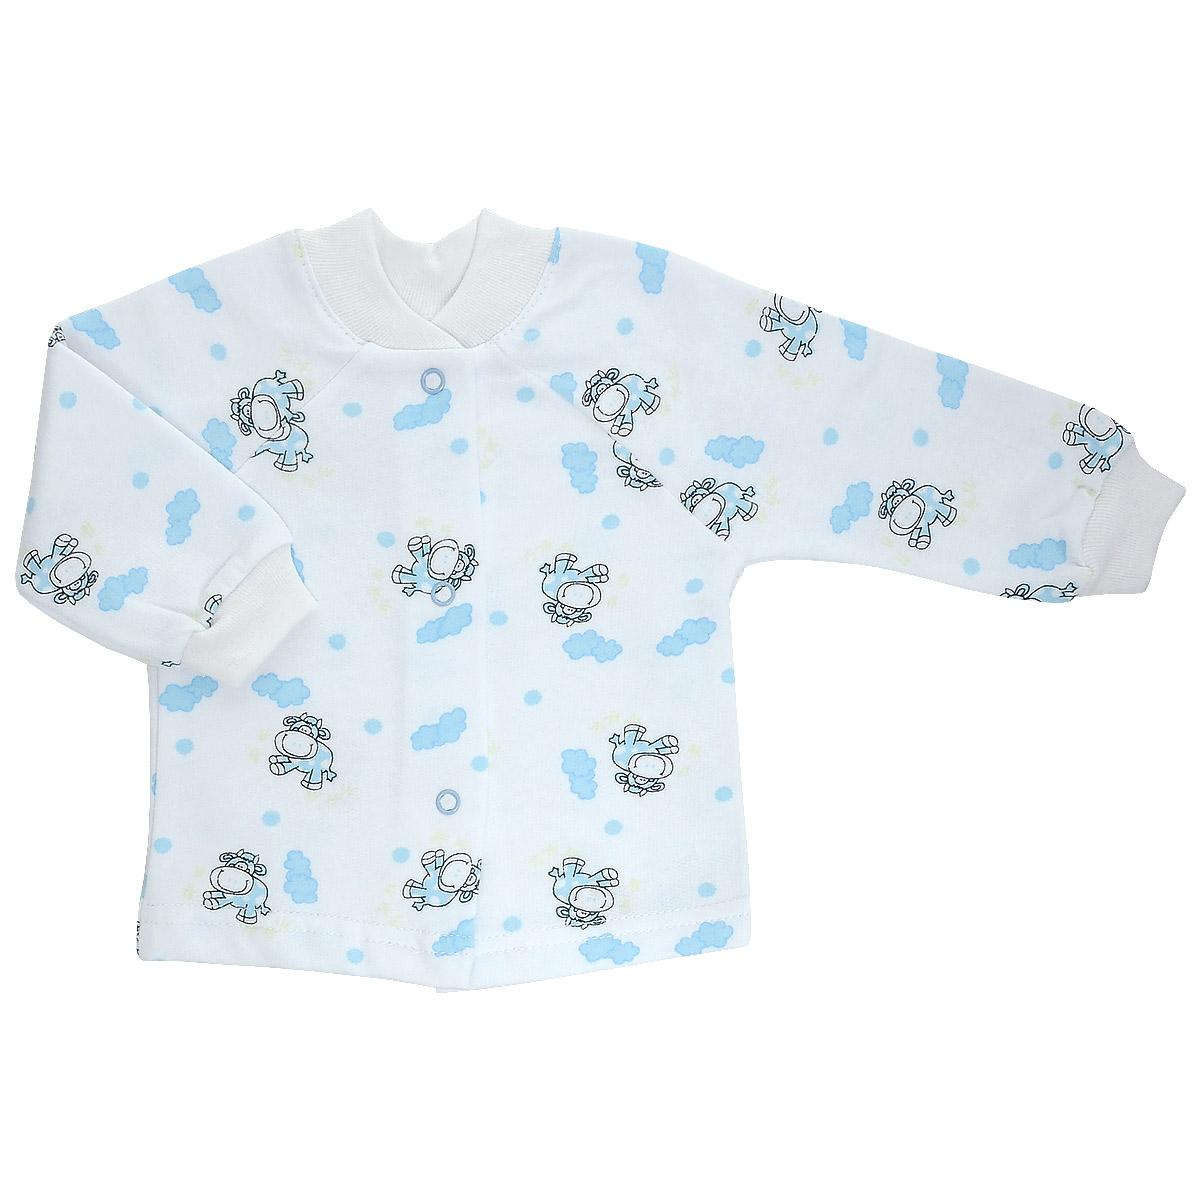 Кофточка детская Трон-Плюс, цвет: белый, голубой, рисунок коровы. 5174. Размер 62, 3 месяца5174Кофточка для новорожденного Трон-плюс с длинными рукавами и небольшим воротничком-стоечкой послужит идеальным дополнением к гардеробу вашего ребенка, обеспечивая ему наибольший комфорт. Изготовленная из футера - натурального хлопка, она необычайно мягкая и легкая и теплая, не раздражает нежную кожу ребенка и хорошо вентилируется, а эластичные швы приятны телу малыша и не препятствуют его движениям. Удобные застежки-кнопки по всей длине помогают легко переодеть младенца. Рукава-реглан понизу дополнены трикотажными манжетами, не пережимающими ручку. Воротничок дополнен эластичной трикотажной резинкой. Кофточка полностью соответствует особенностям жизни ребенка в ранний период, не стесняя и не ограничивая его в движениях.